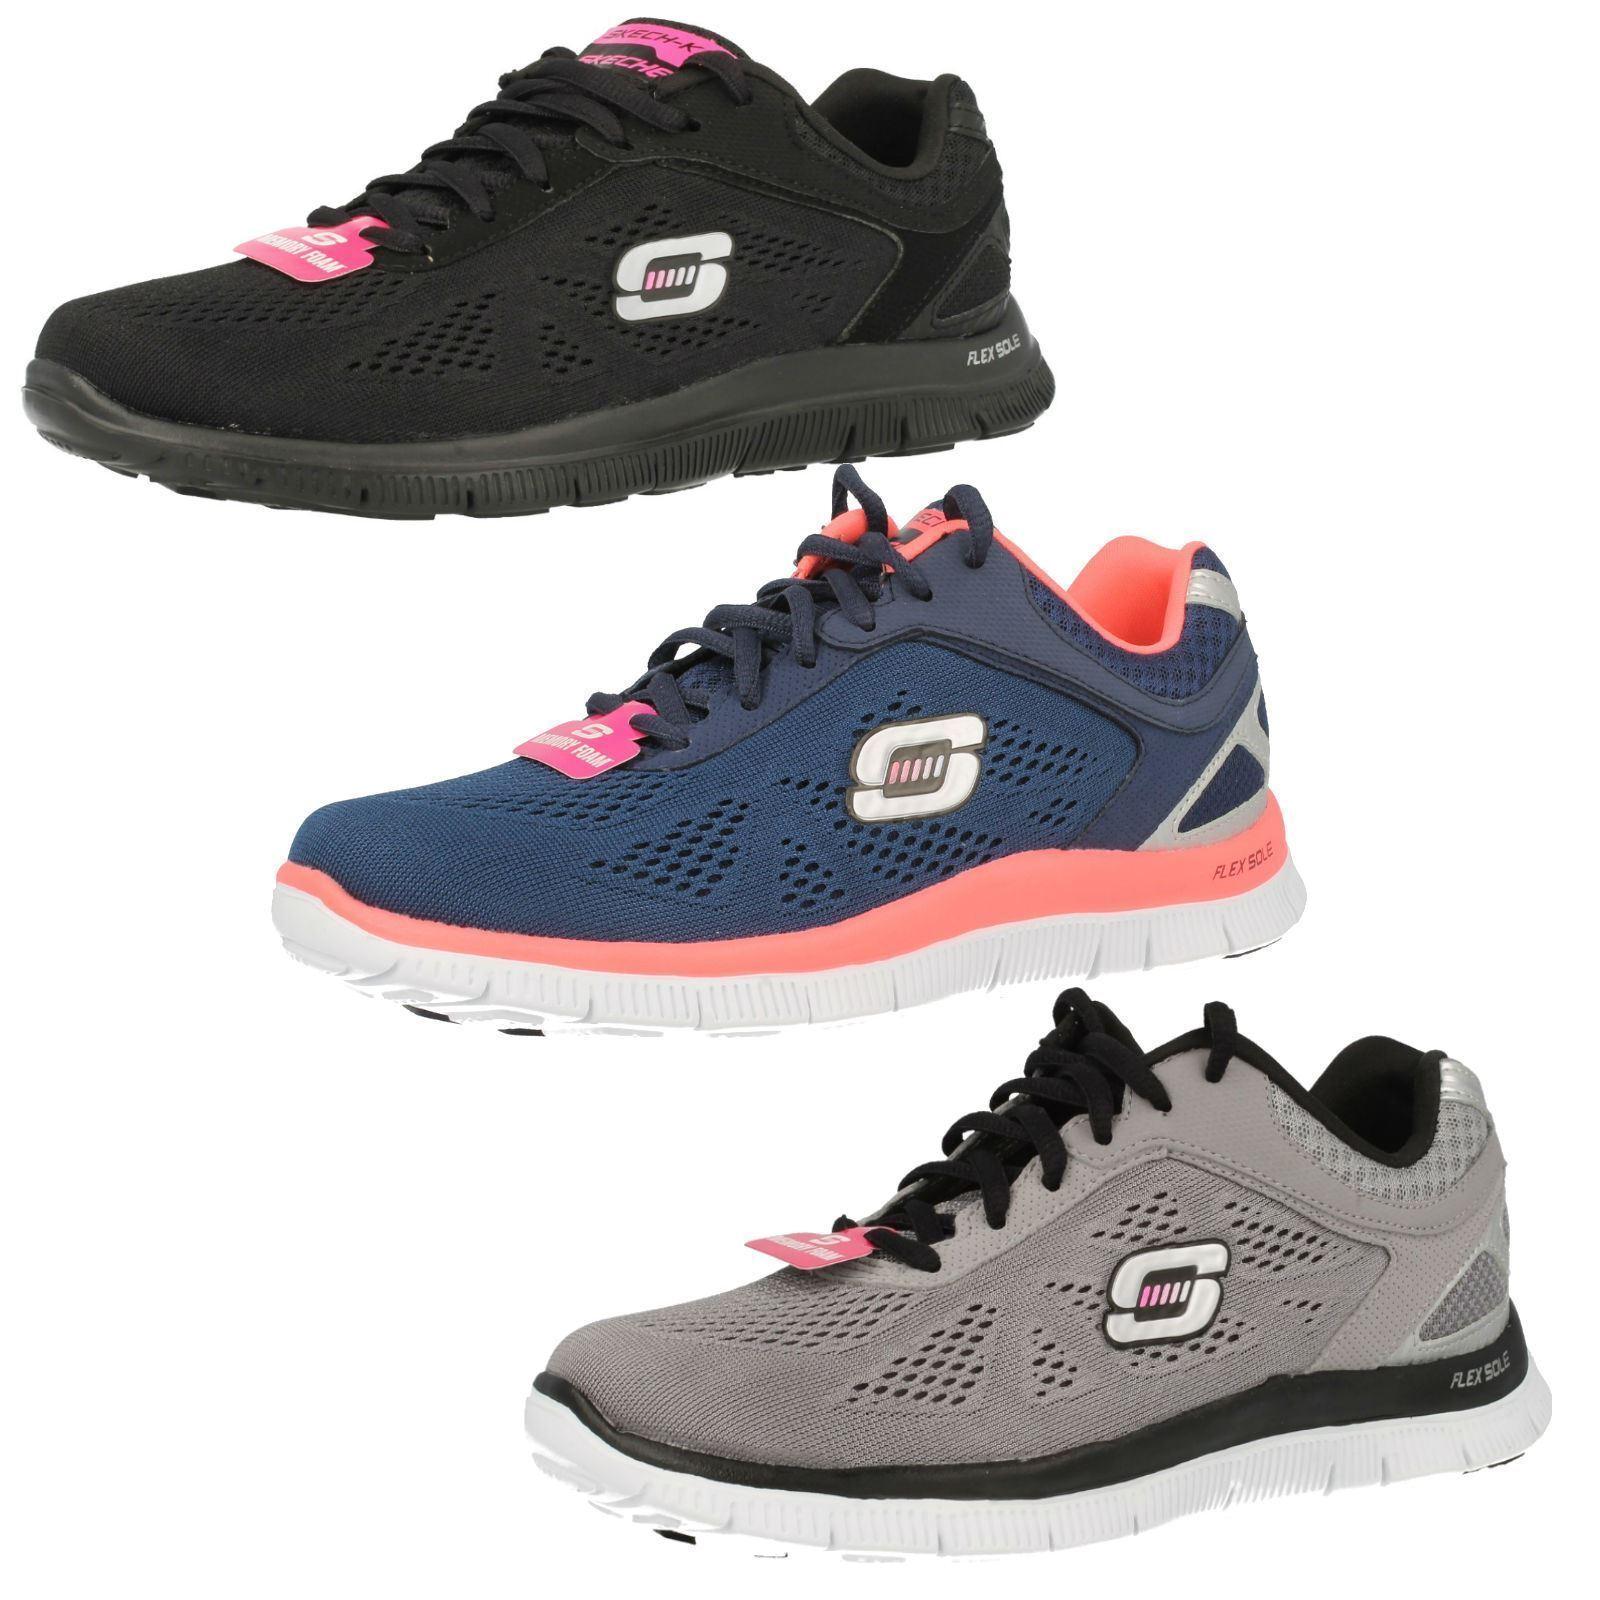 Zapatos promocionales para hombres y mujeres Skechers Mujer Flex Appeal Love su estilo espuma viscoelástica